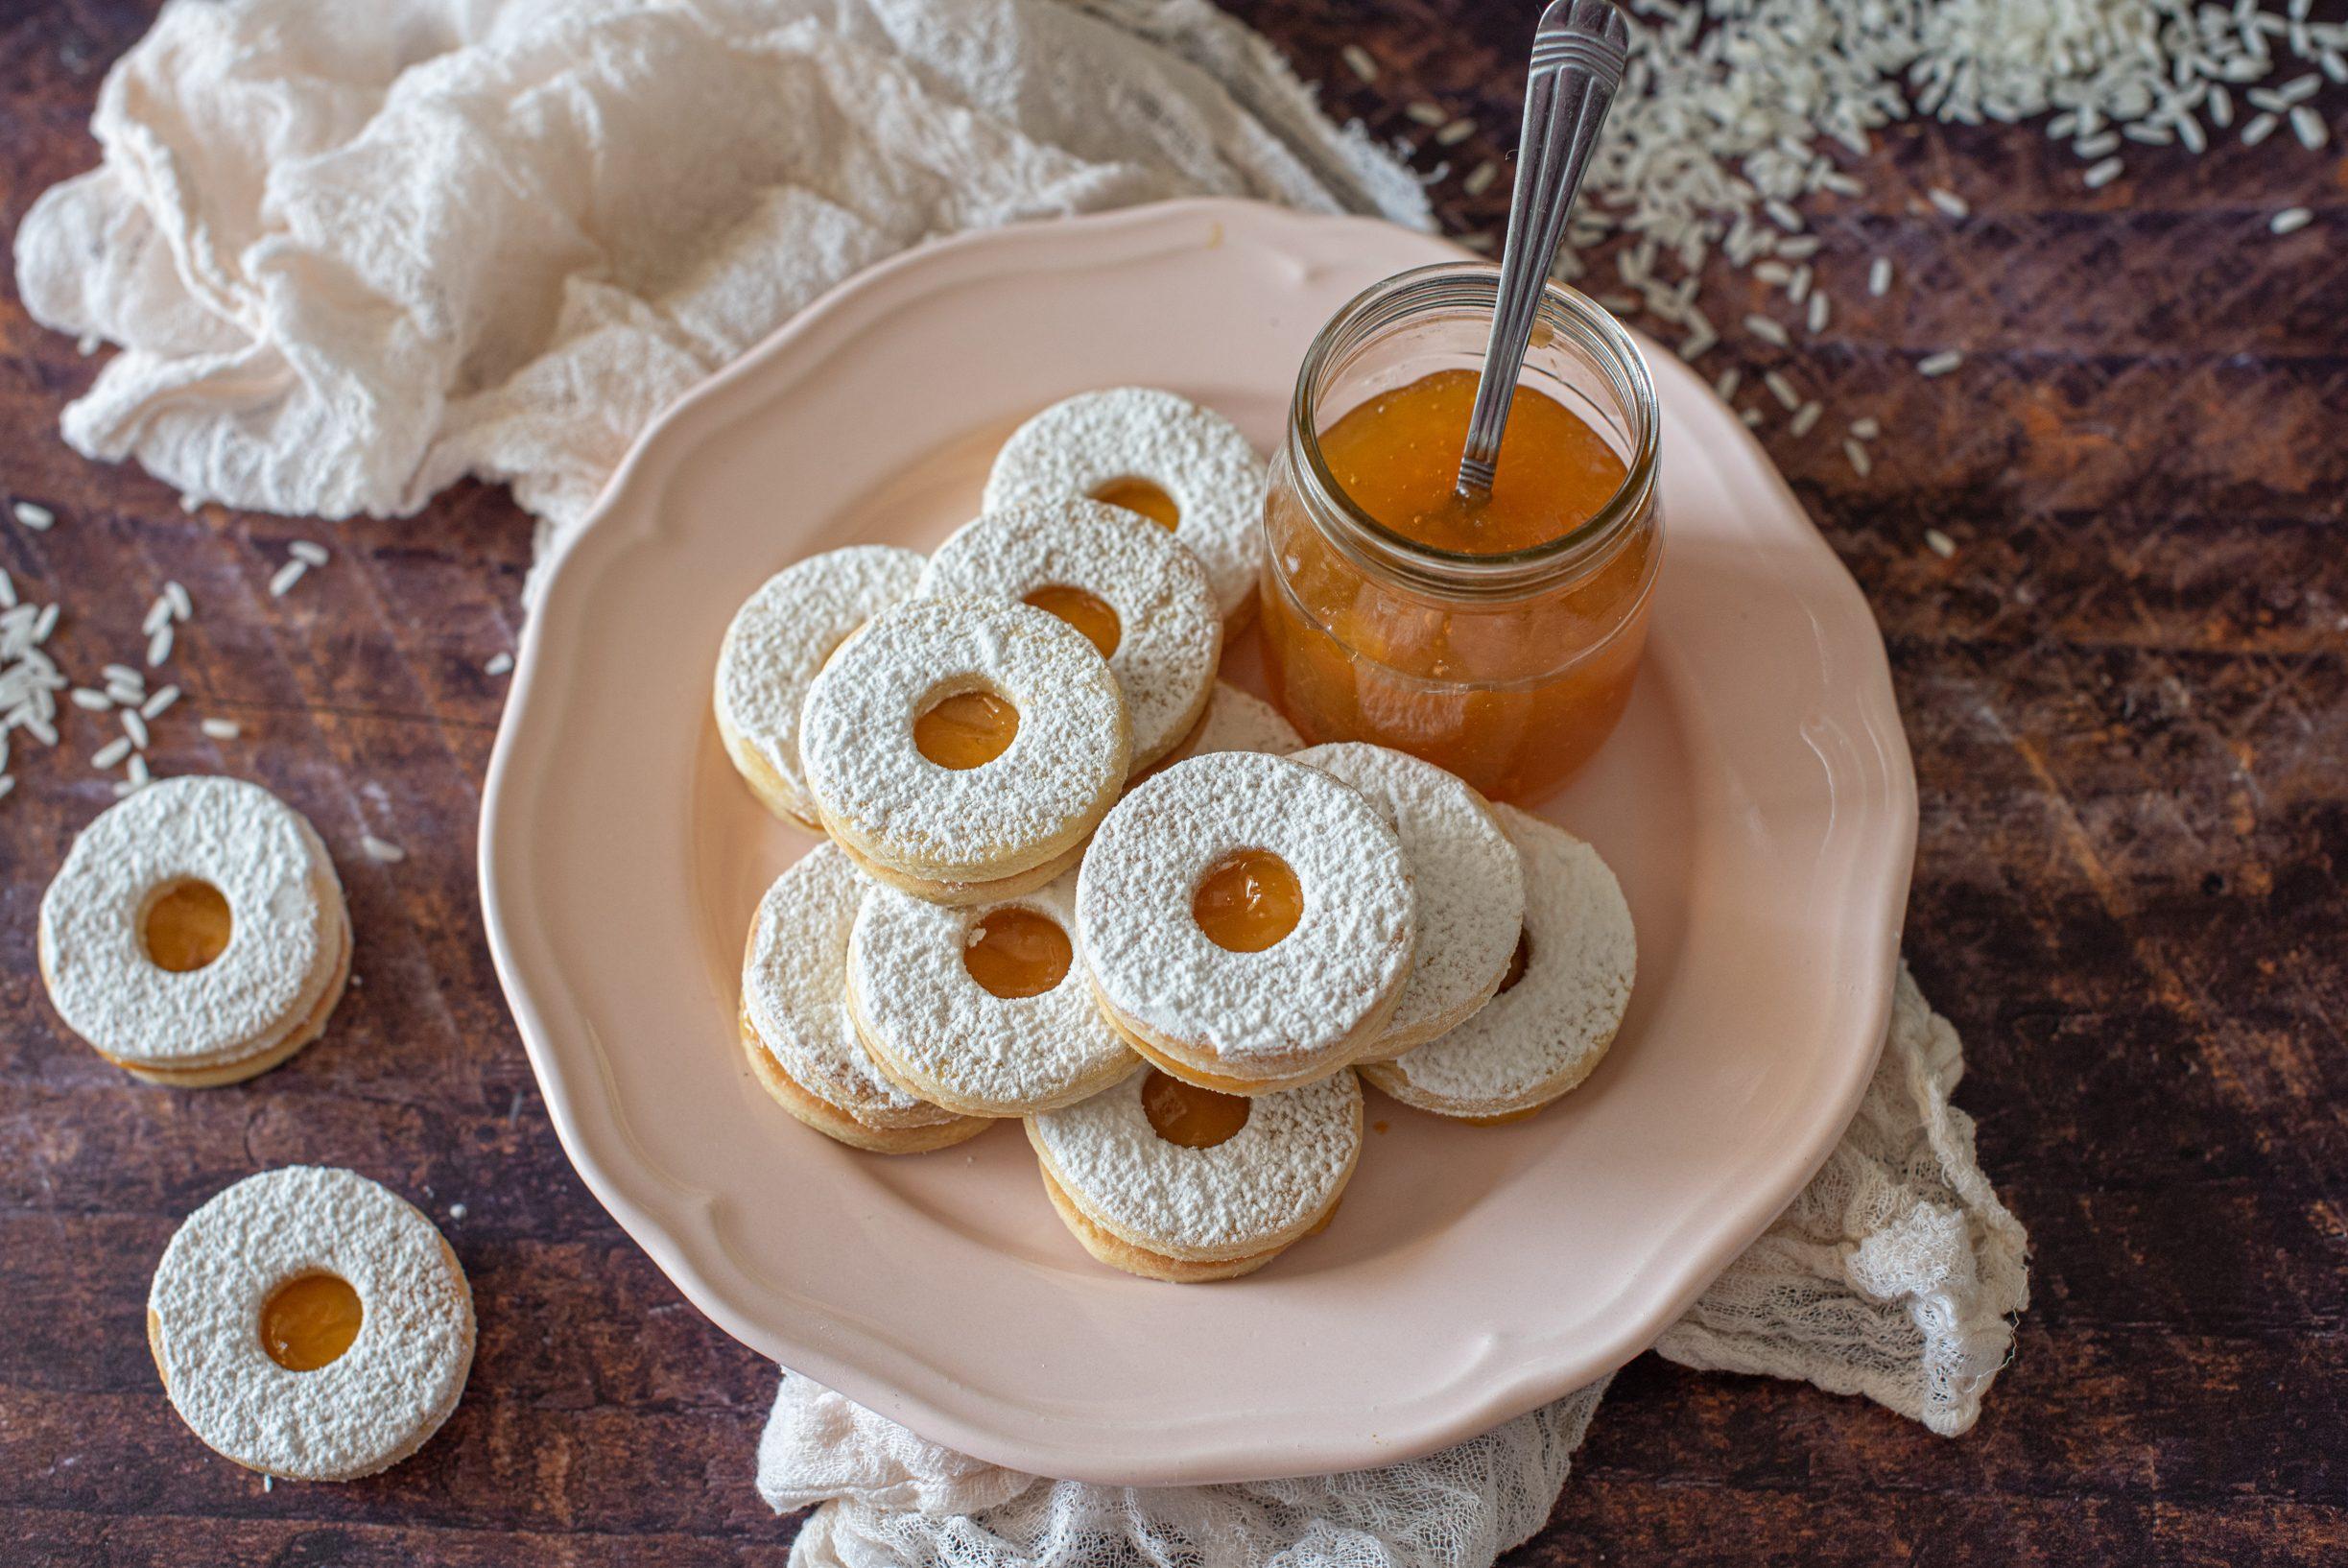 Biscotti con farina di riso: la ricetta golosa e leggera, perfetta per la colazione